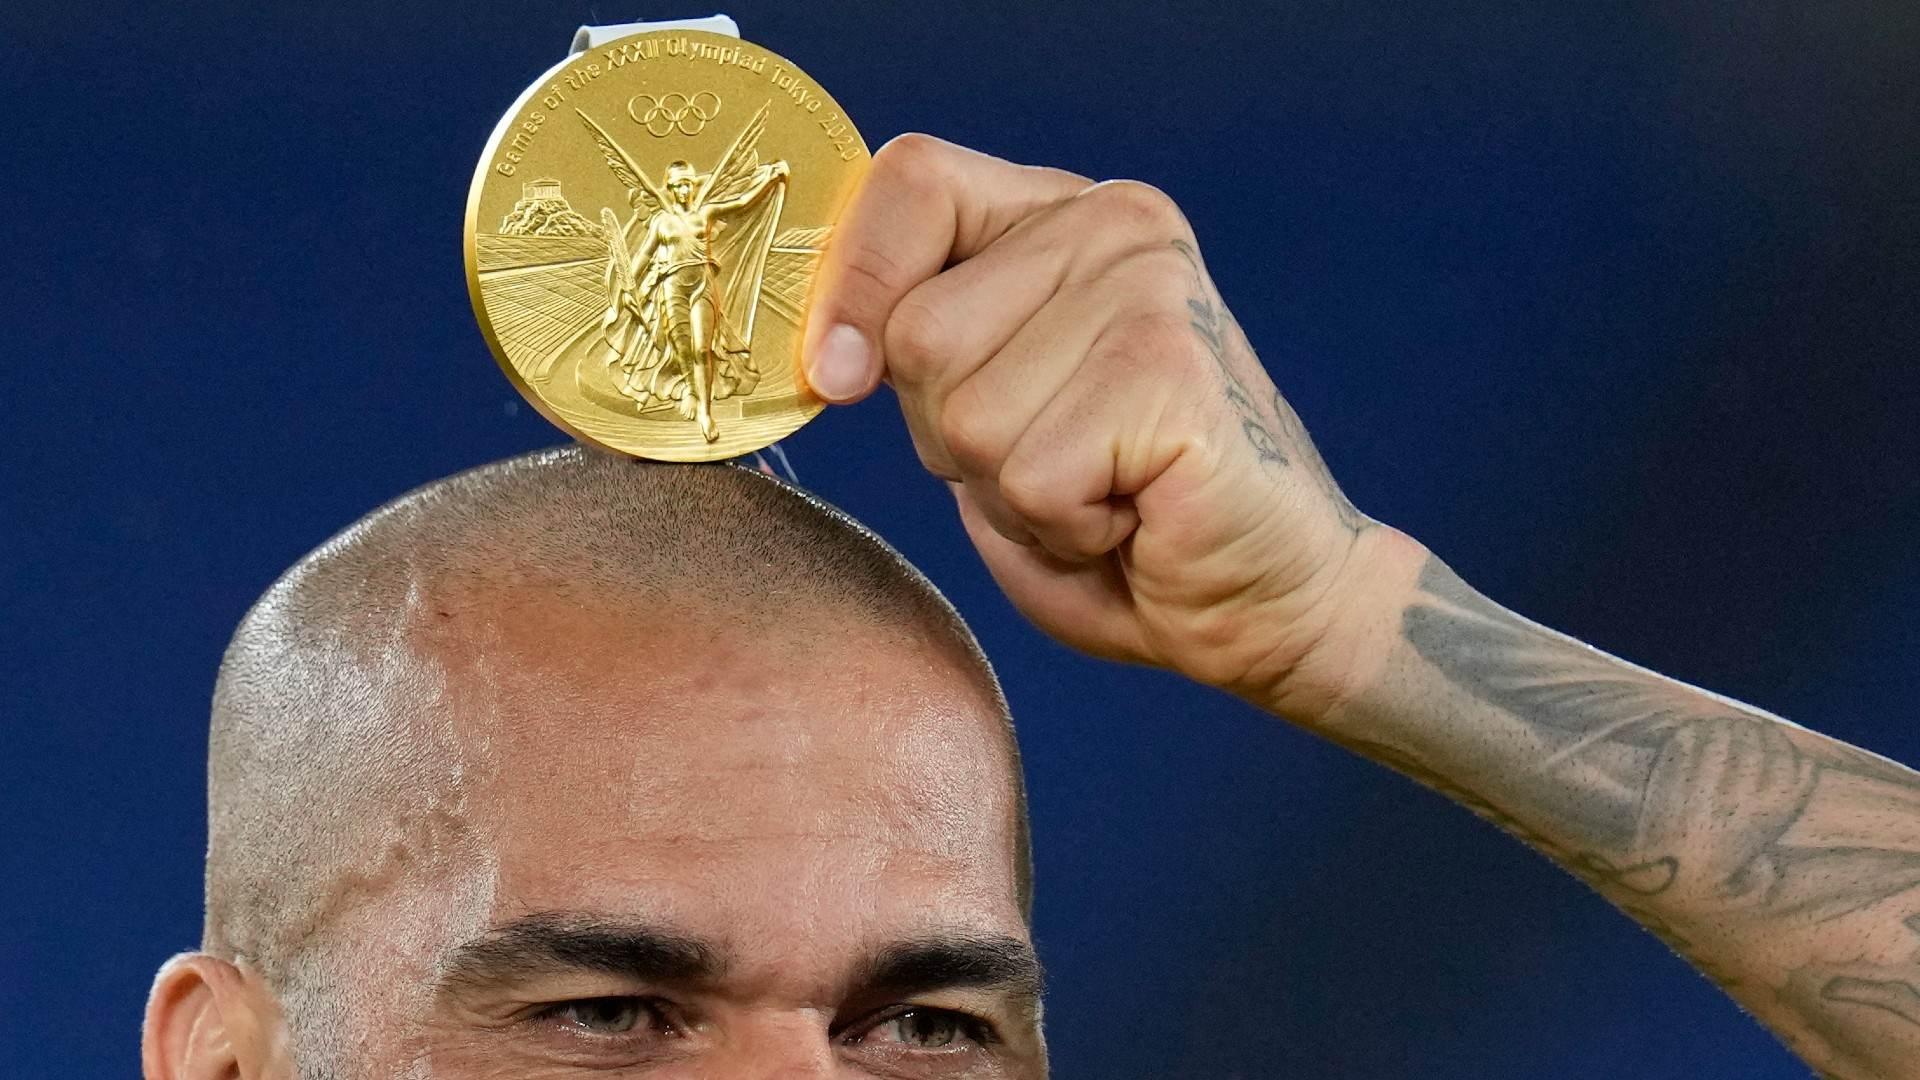 Dani Alves tira foto com medalha de ouro sobre a cabeça após conquista olímpica